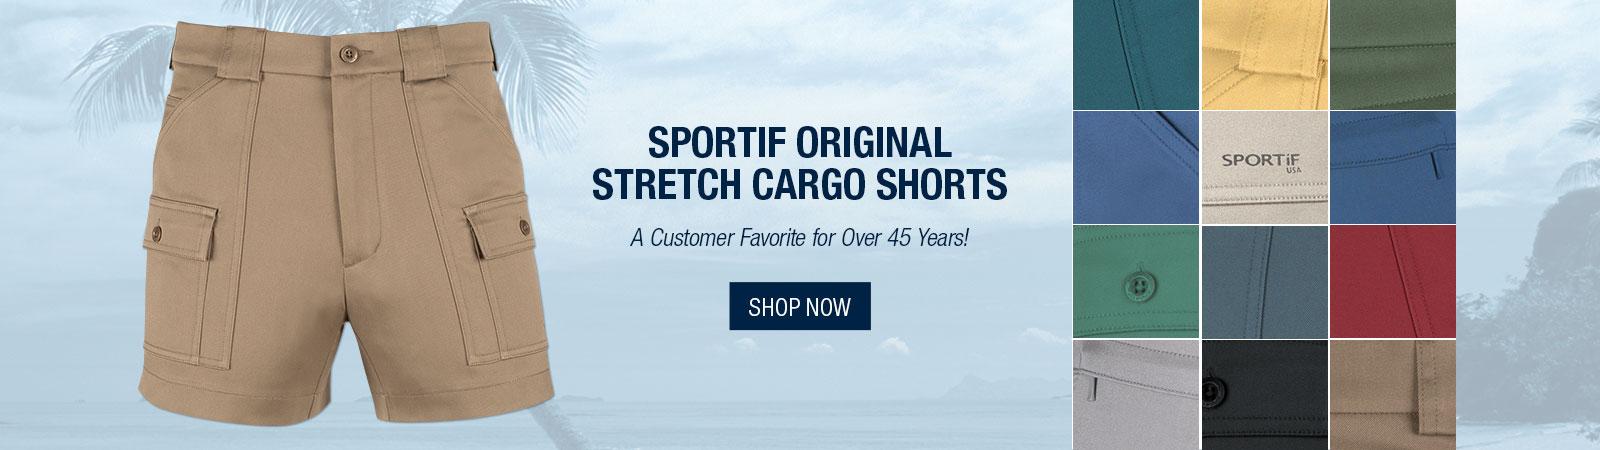 Sportif Original Stretch Cargo Shorts